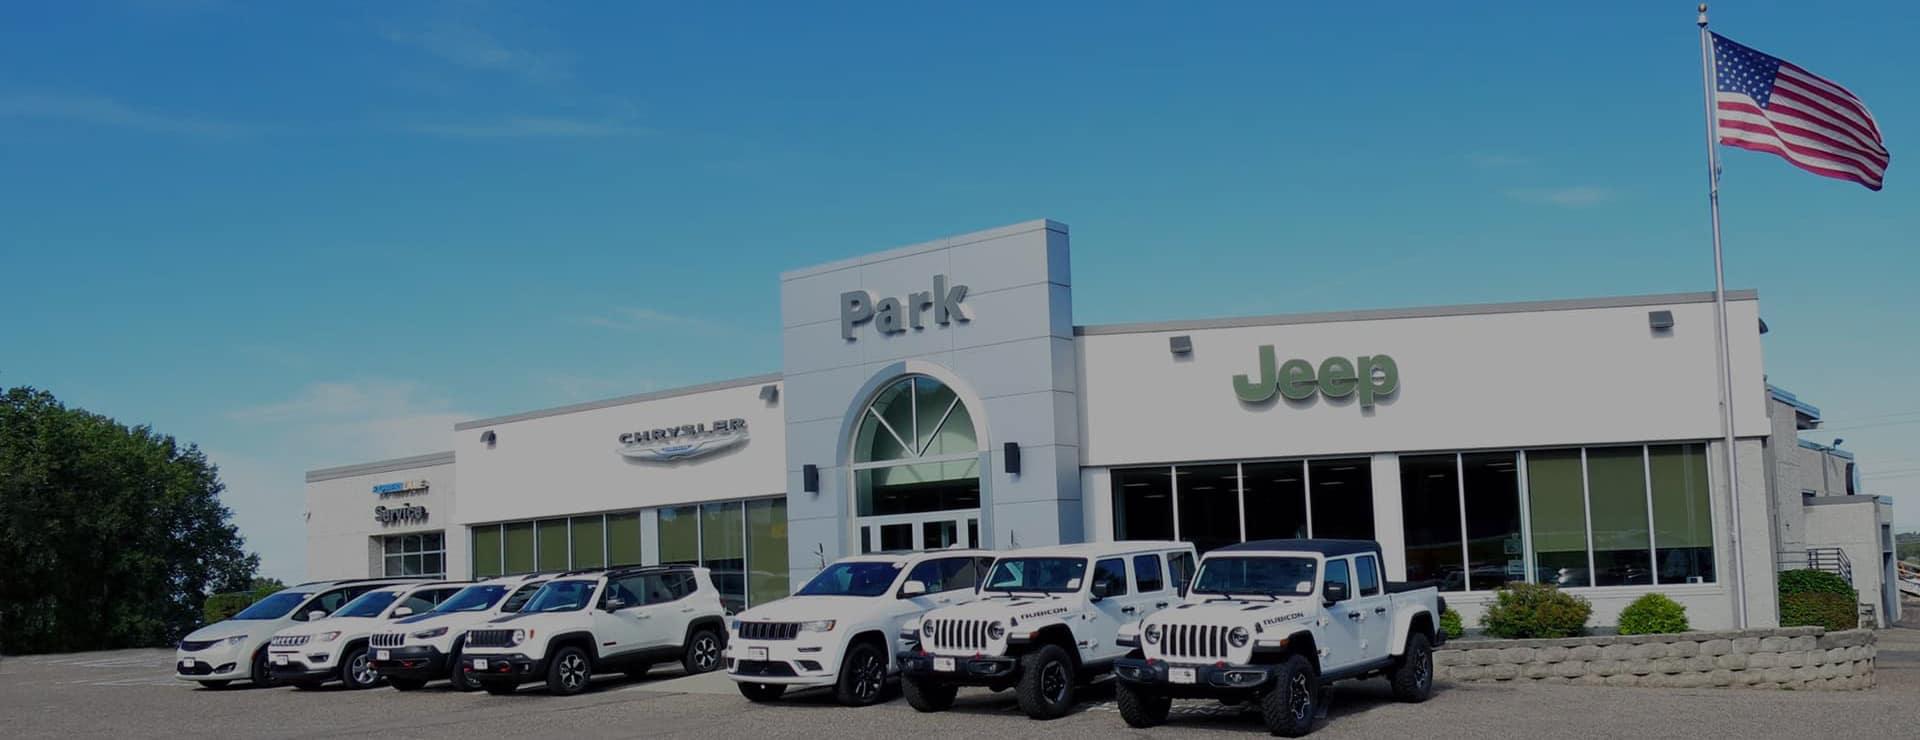 Park Chrysler Jeep Dealership